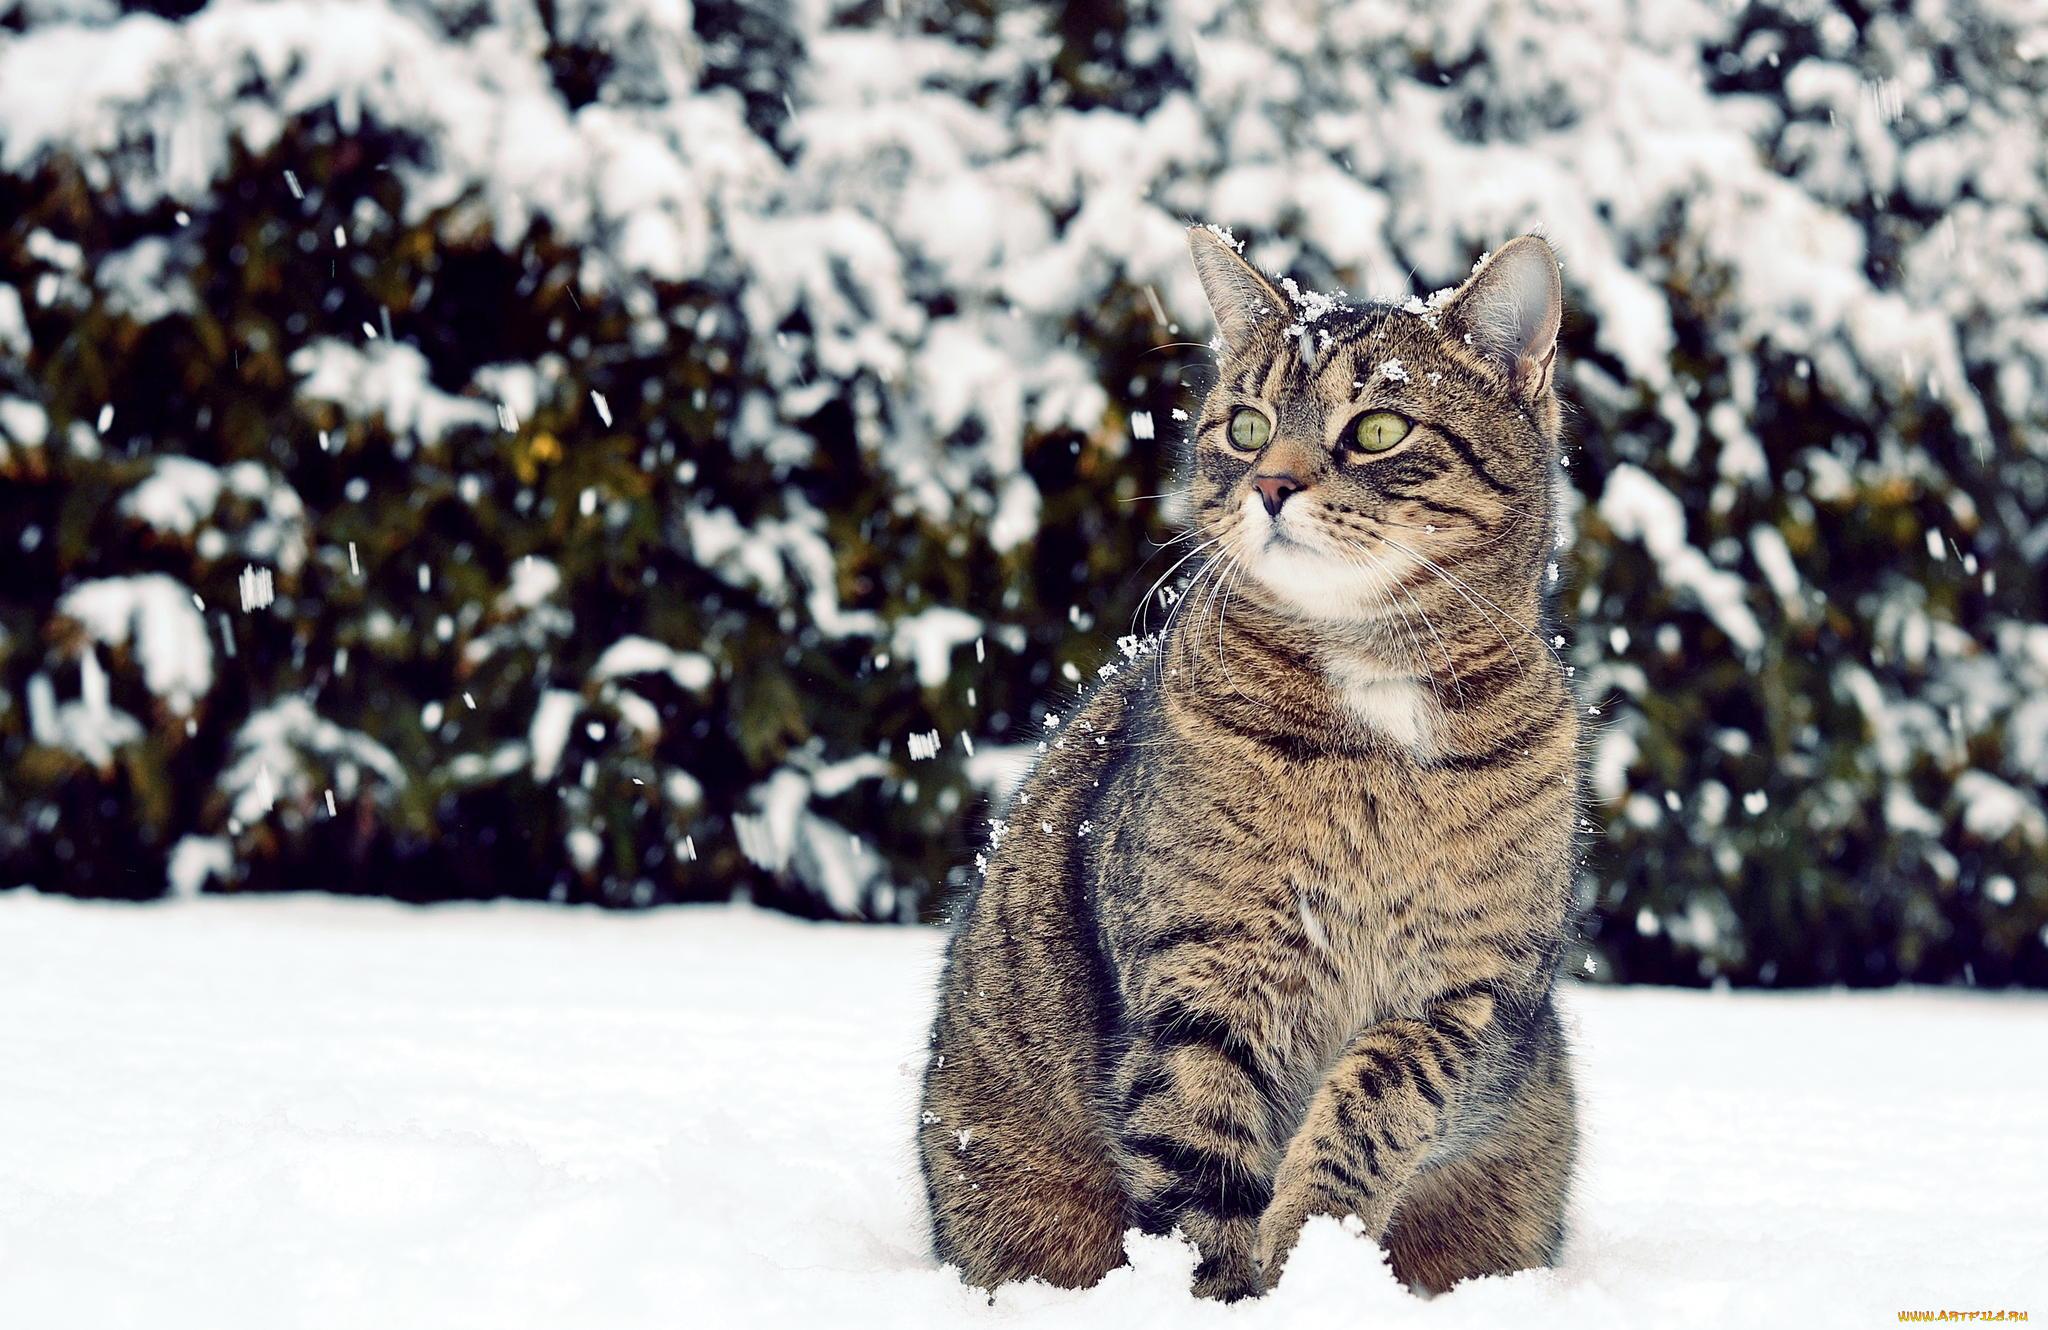 снегопад и животные картинки холодно, успокаиваюсь